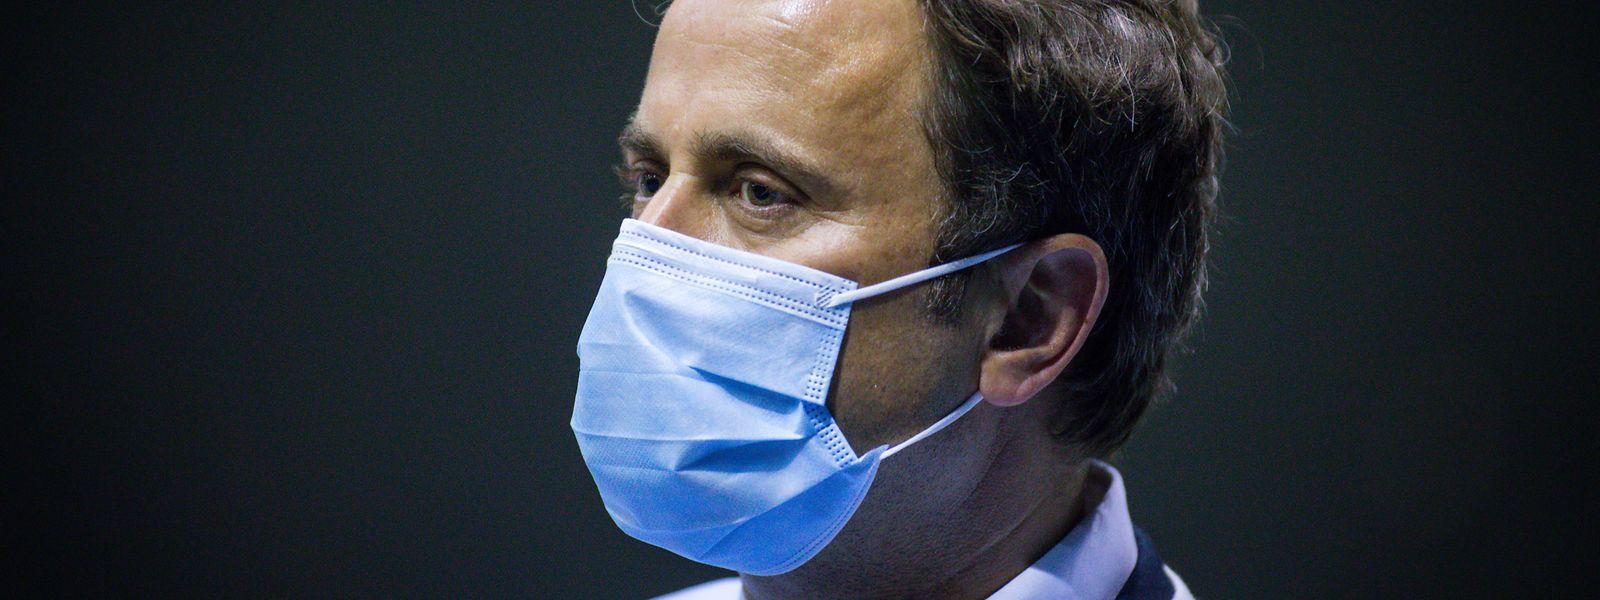 Aucun détail concret sur cette potentielle école commune de métiers de la santé, évoquée par Xavier Bettel, n'a à ce jour été donné.